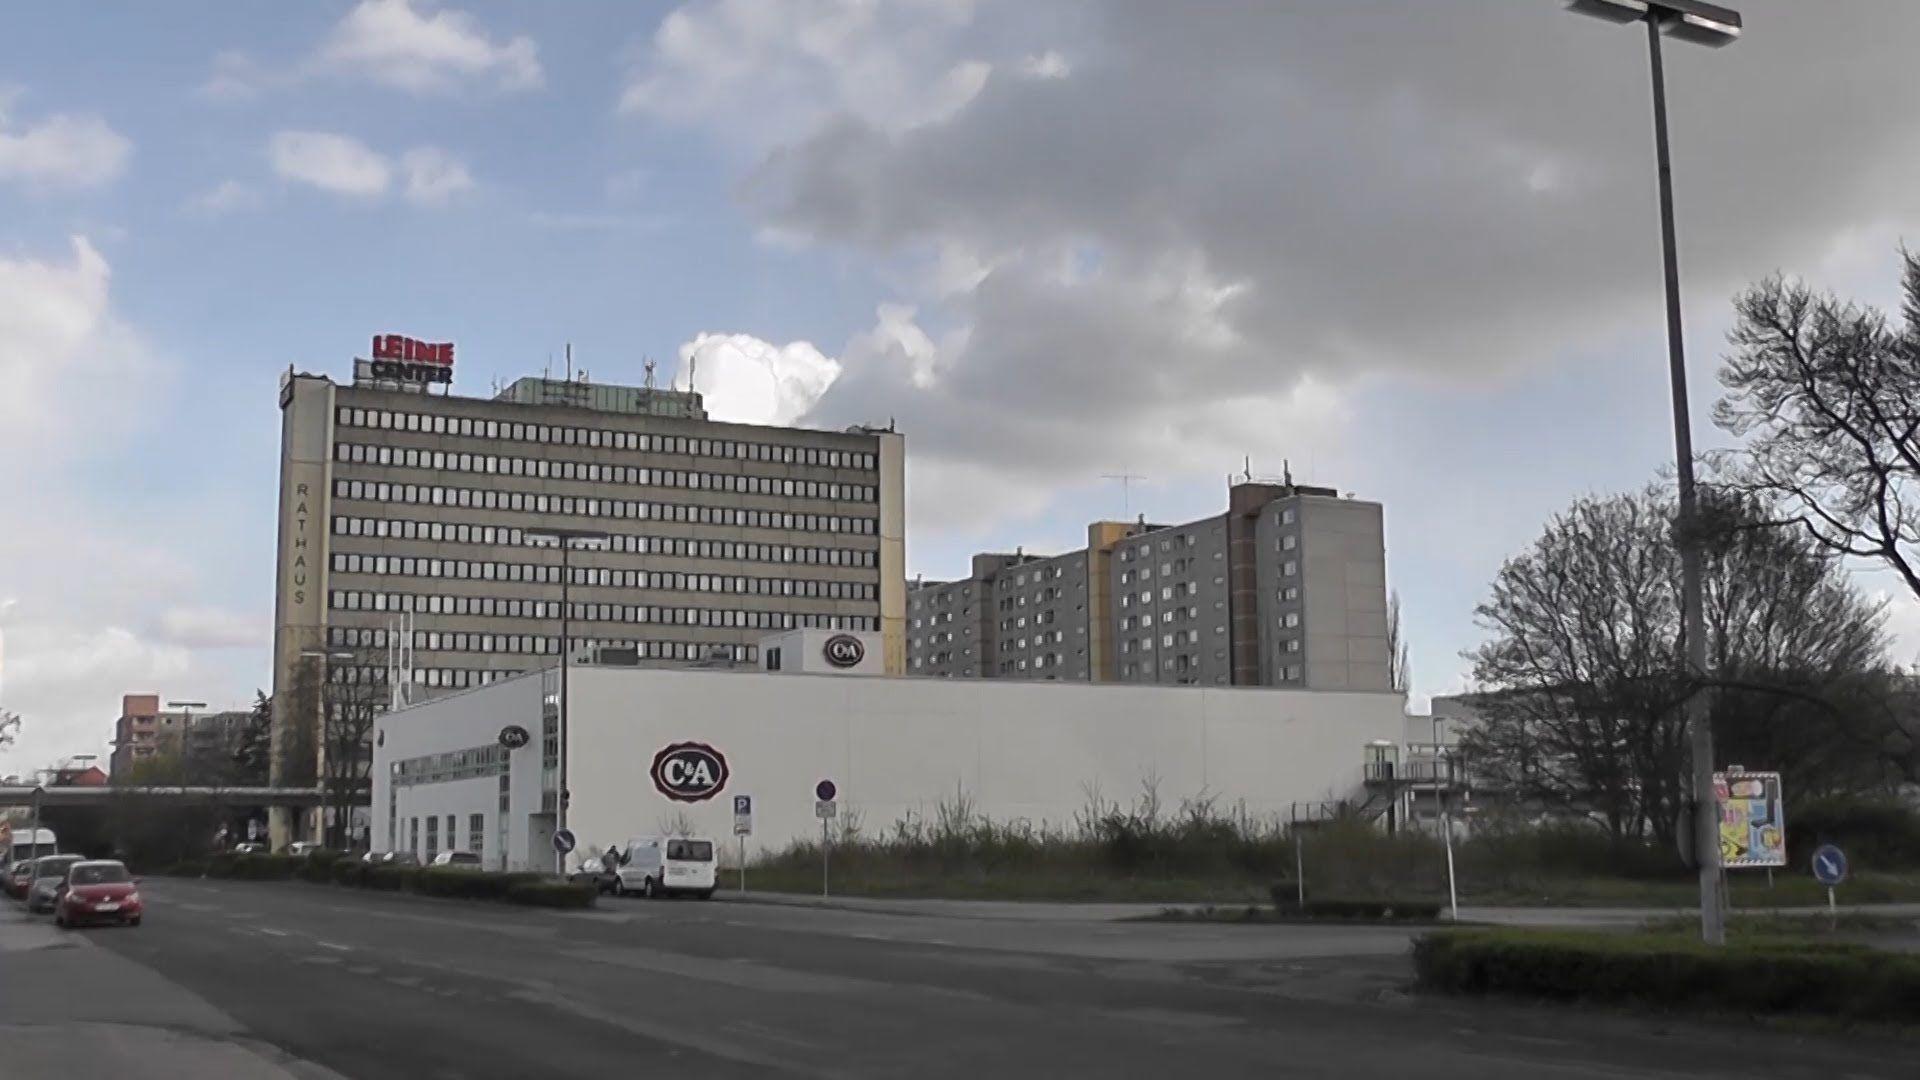 #Laatzen. Stadt bei Hannover. Grenzt direkt an das Messegelände. Unsere Folge 02.  https://www.youtube.com/watch?v=OMzATGiK3aw